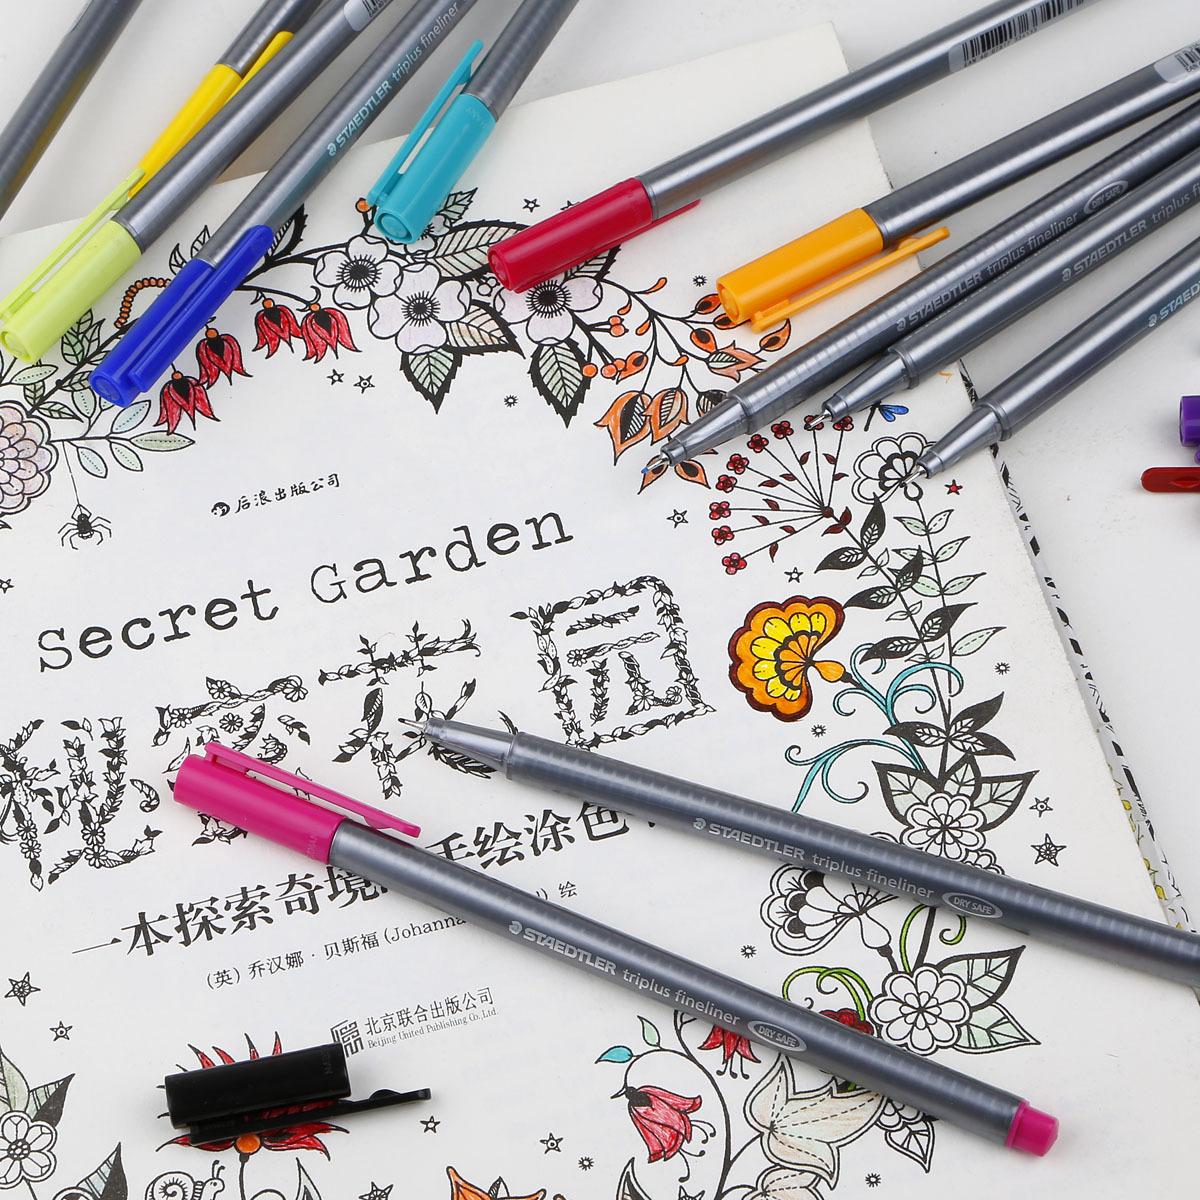 施德樓彩色針管筆